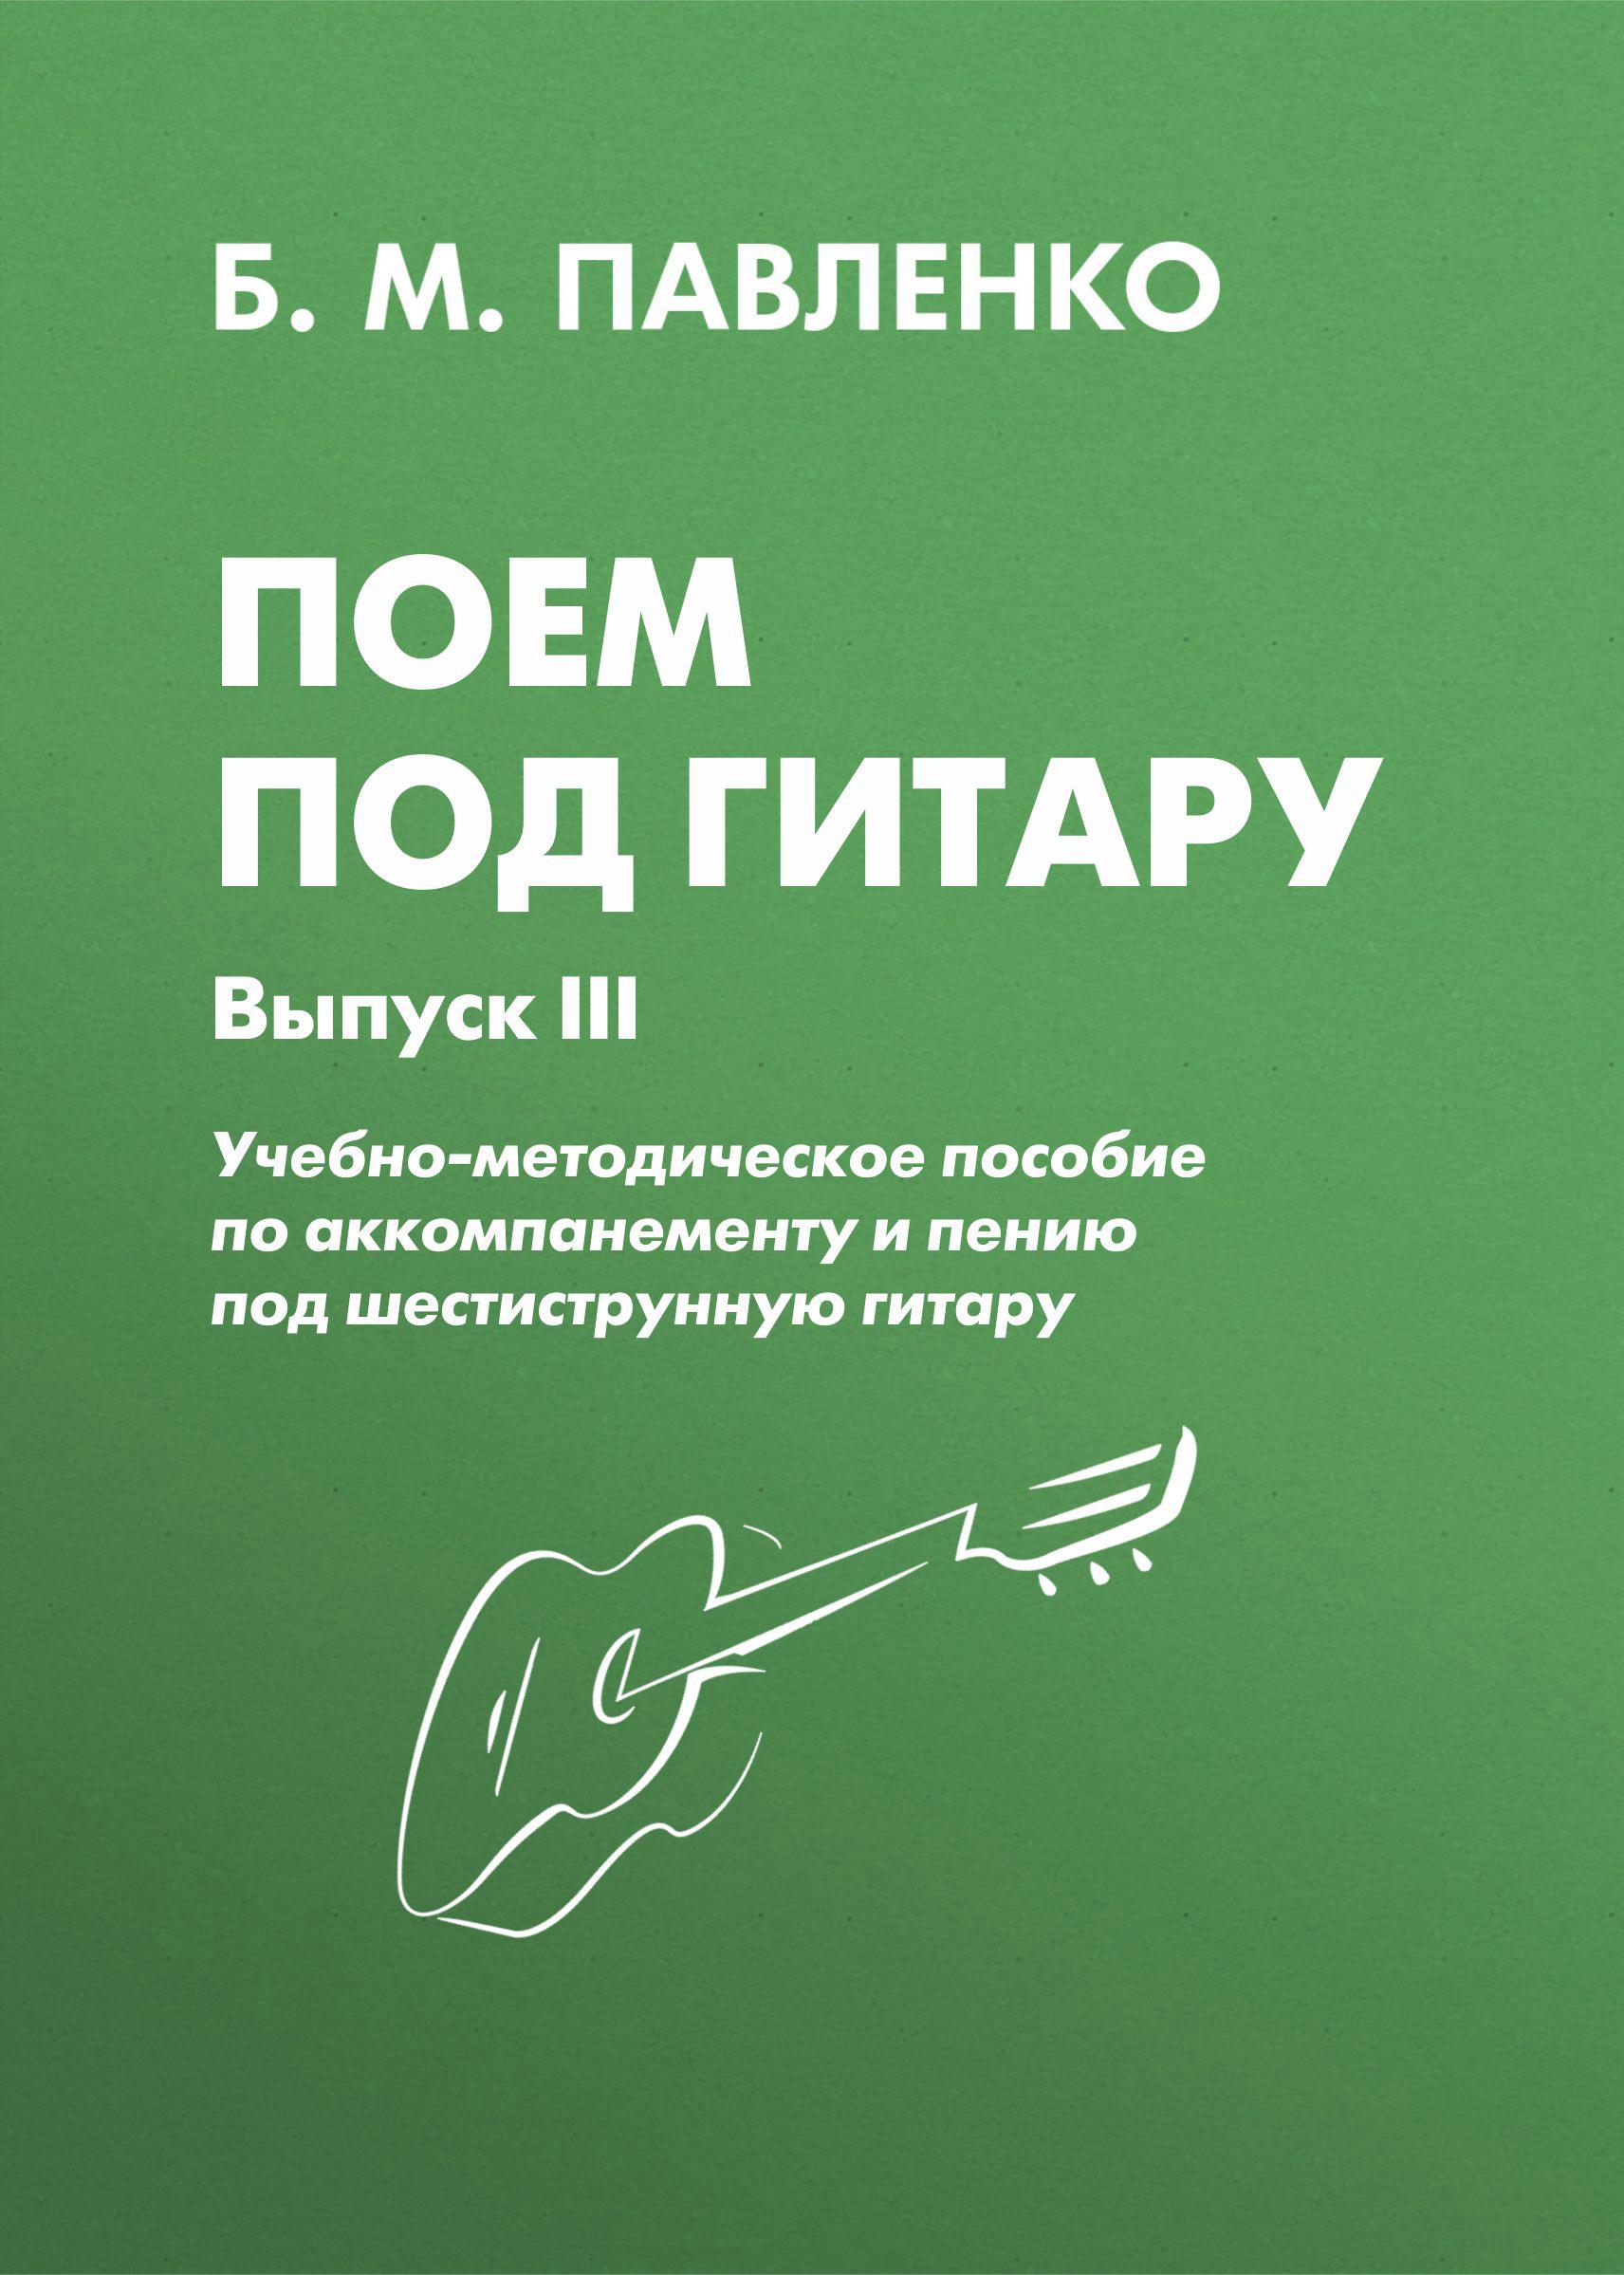 Б. М. Павленко Поем под . Учебно-методическое пособие по аккомпанементу и пению под шестиструнную . Выпуск III